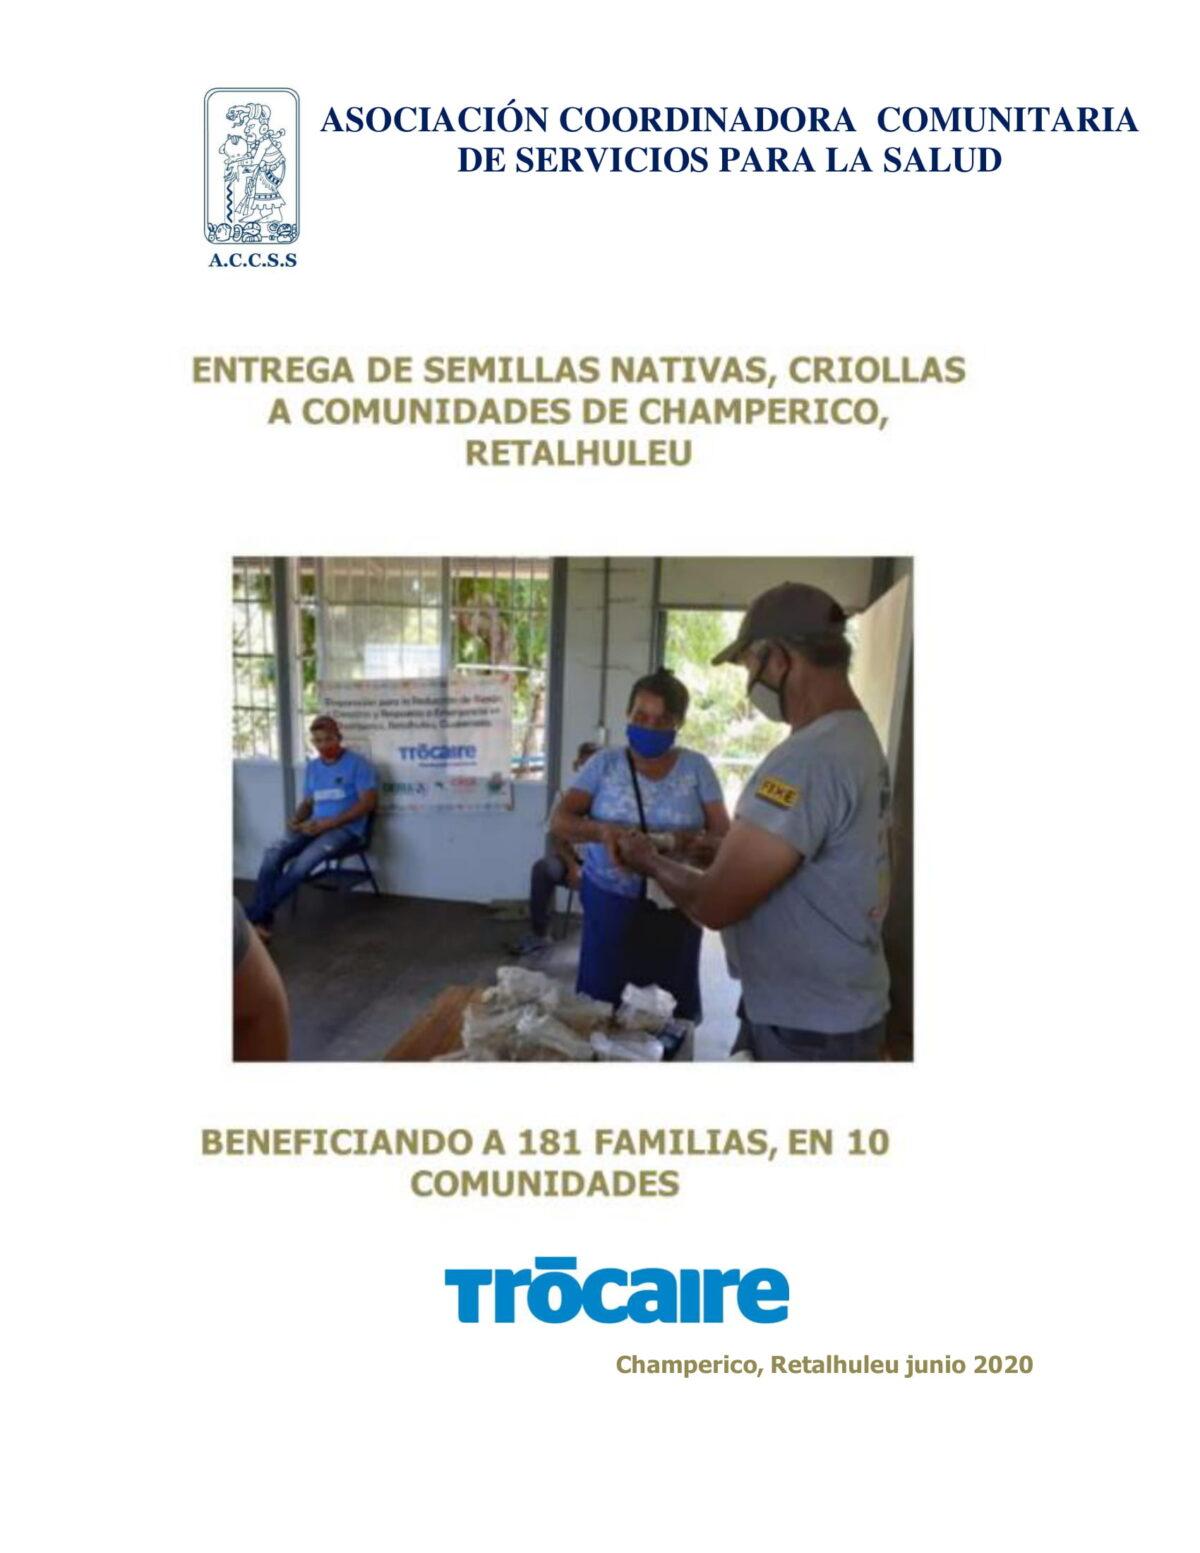 Entrega de Semillas Nativas, Criollas a Comunidades de Champerico, Retalhuleu